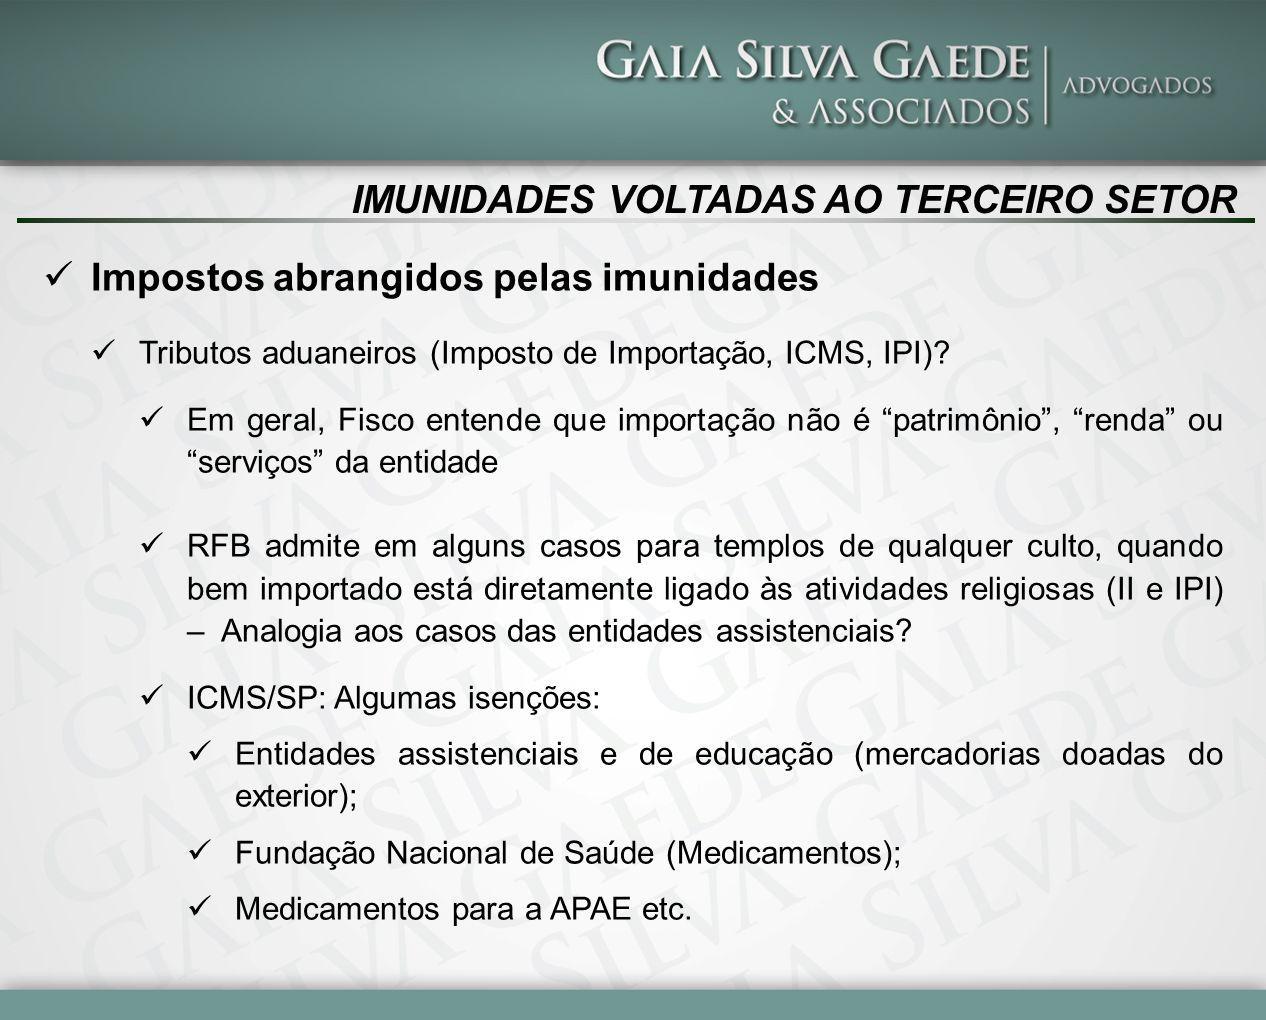 IMUNIDADES VOLTADAS AO TERCEIRO SETOR Impostos abrangidos pelas imunidades Impostos aduaneiros (Imposto de Importação, ICMS, IPI).